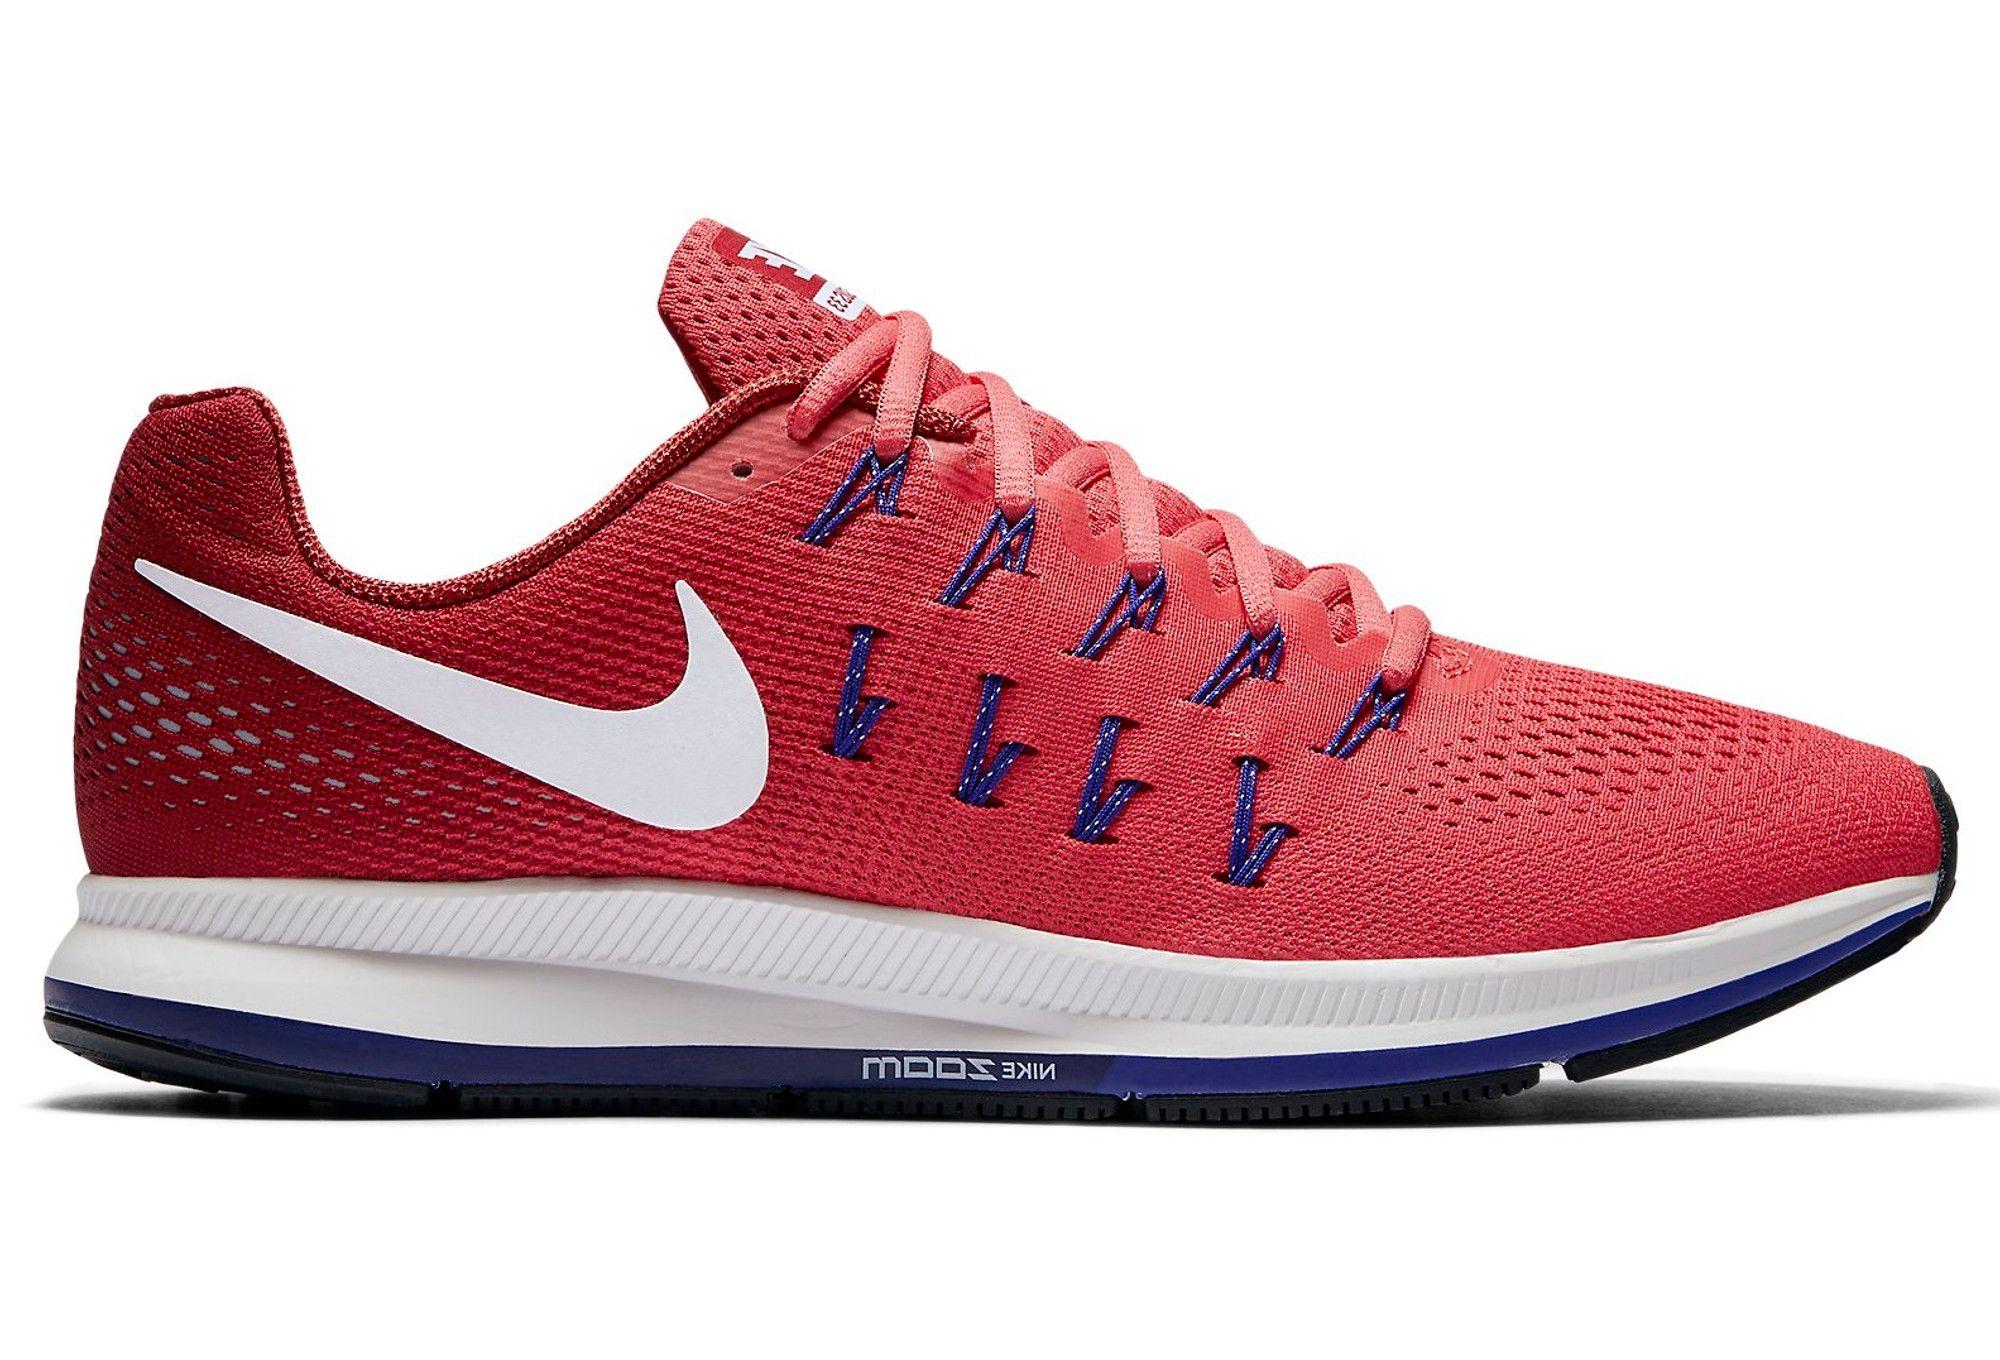 innovative design a0bcf 7b9ea Chaussures de Running Nike AIR ZOOM PEGASUS 33 Rouge à partir de 84,00 € au  lieu de 120,00 €